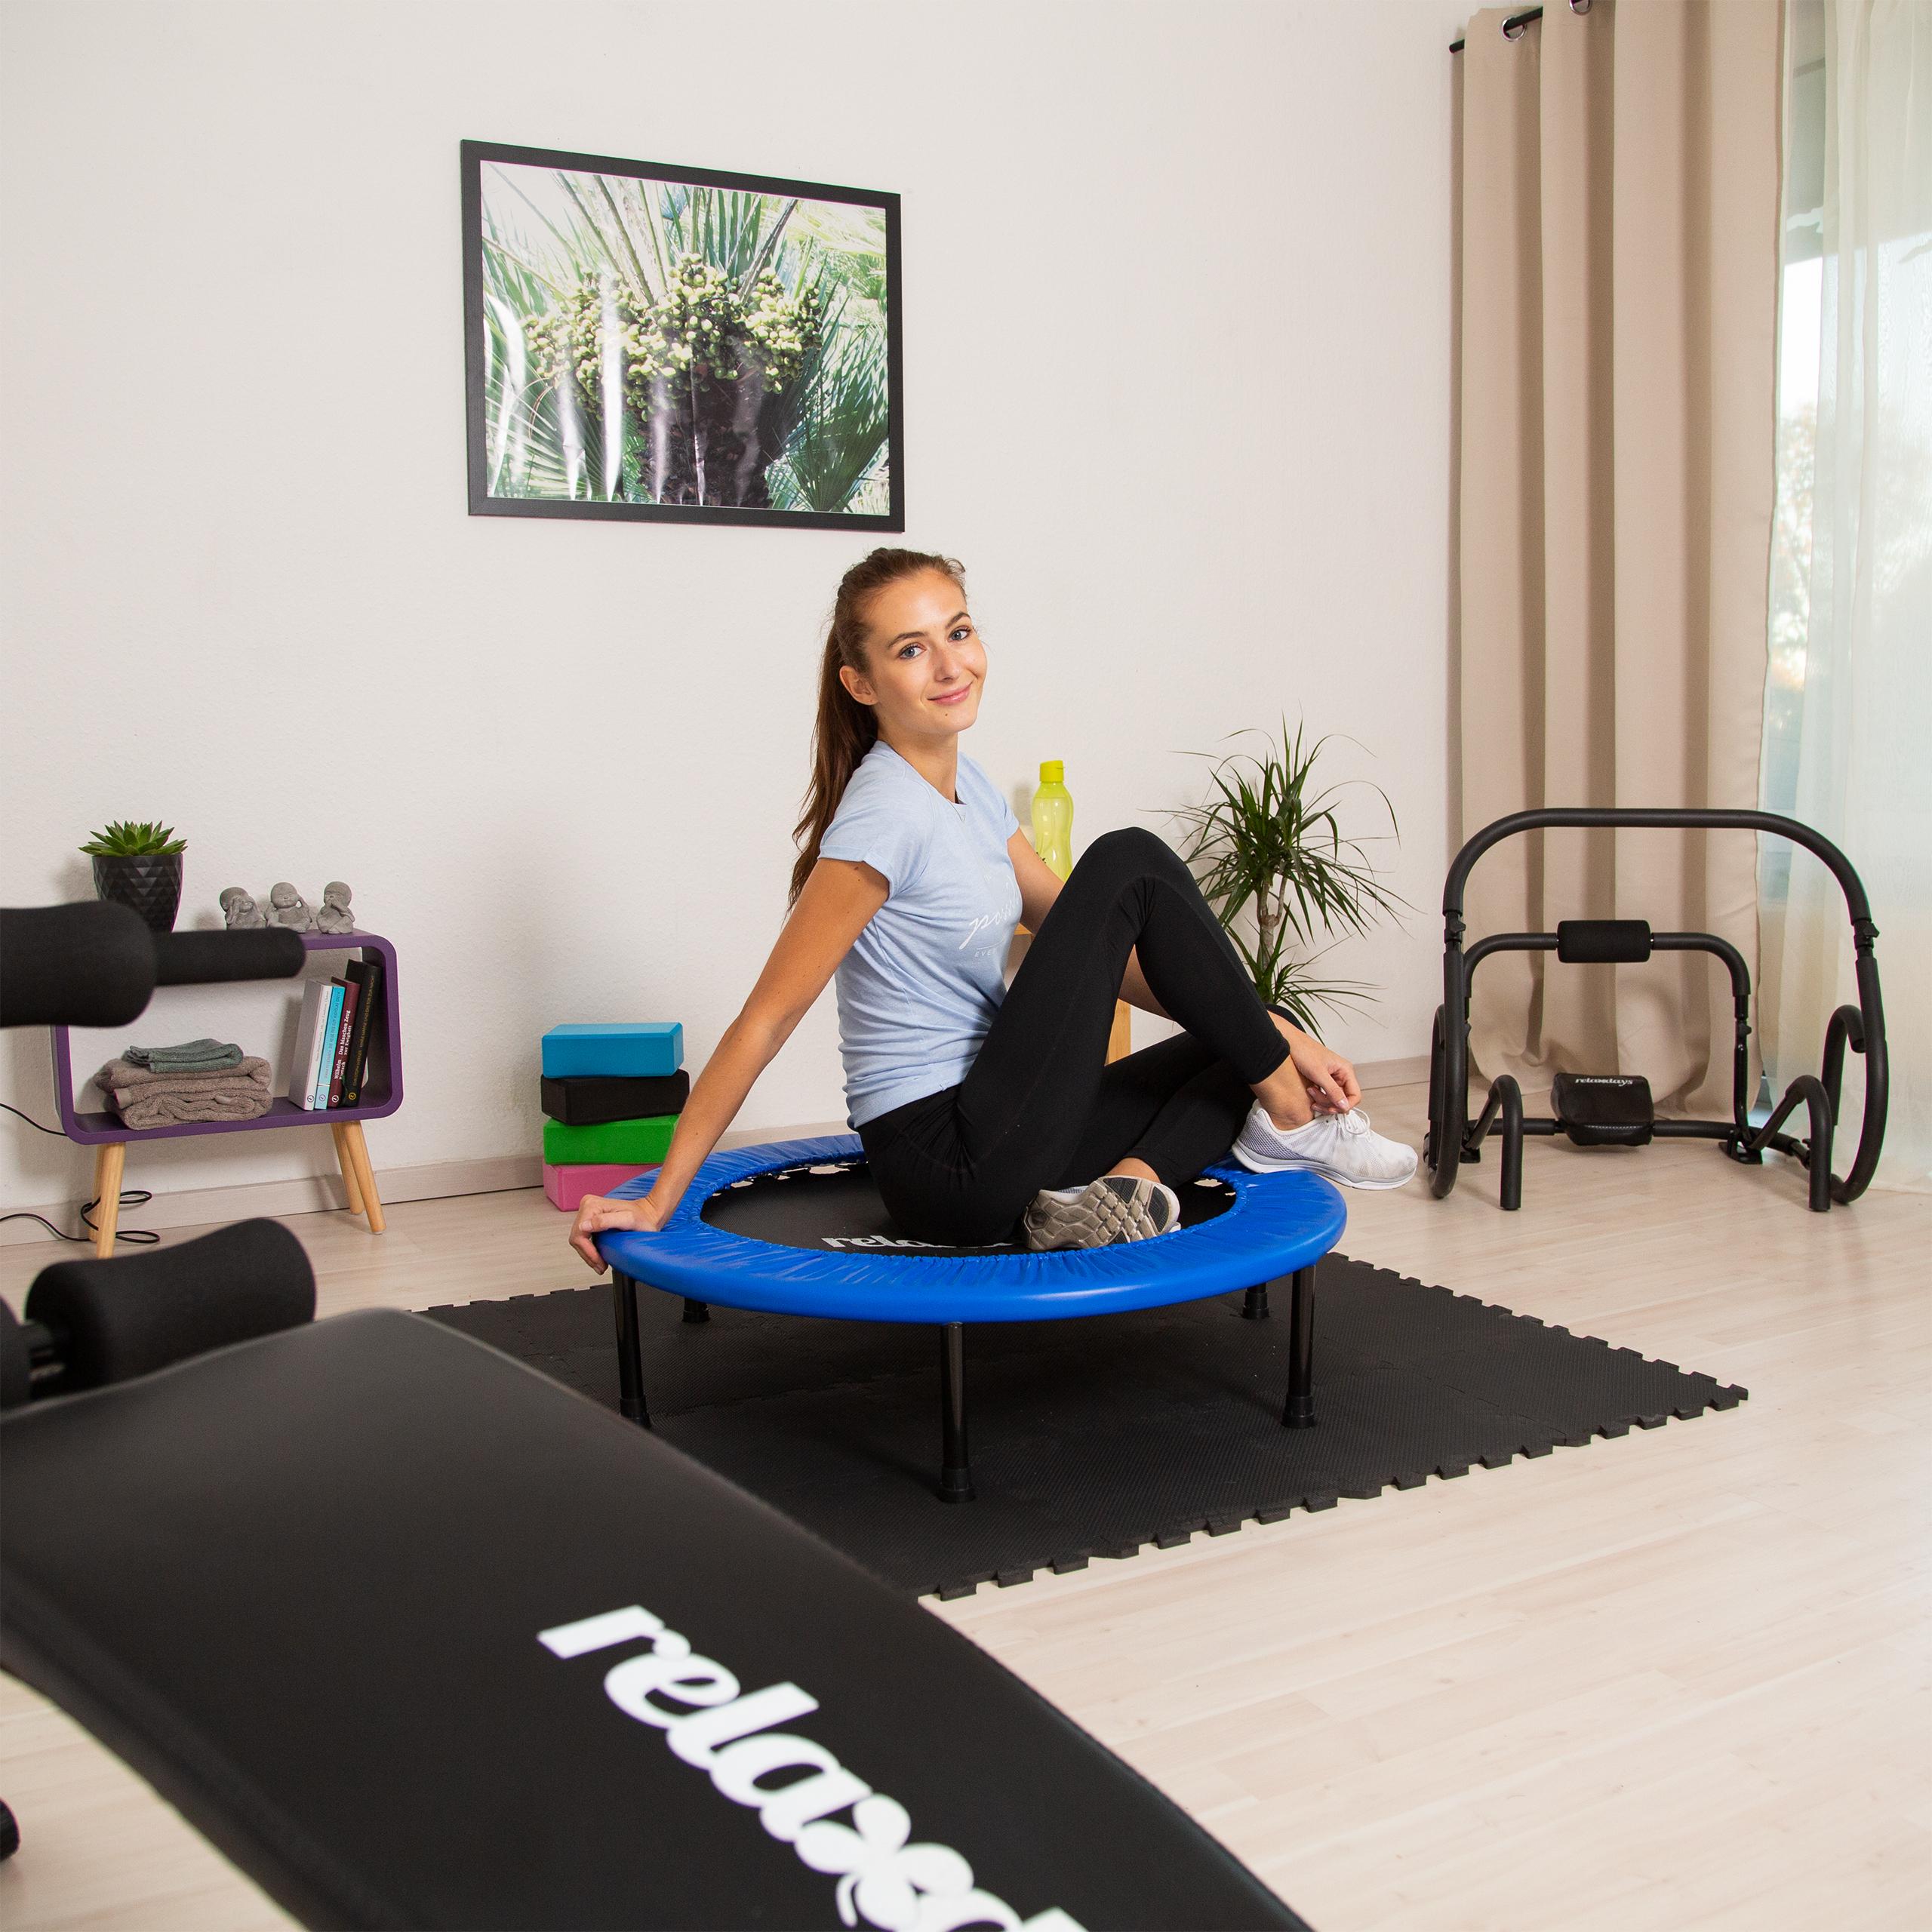 Fitness-Trampolin-Aerobic-Indoor-Fitnesstrampolin-Ausdauer-Training-bis-100-kg Indexbild 9